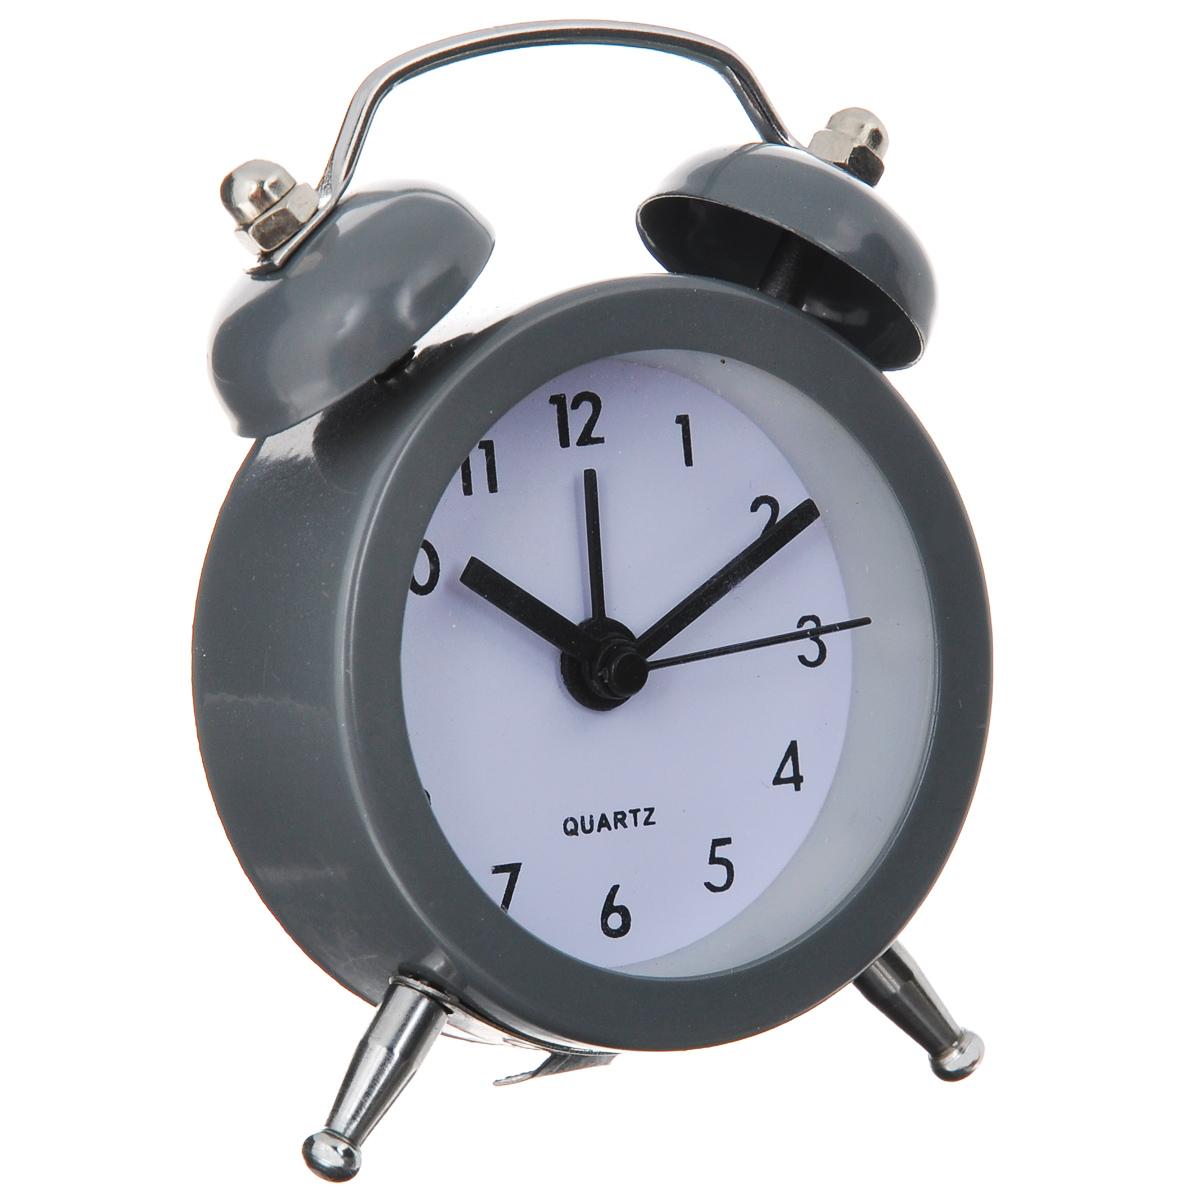 Часы-будильник Sima-land, цвет: серый. 720791179038Как же сложно иногда вставать вовремя! Всегда так хочется поспать еще хотя бы 5 минут и бывает, что мы просыпаем. Теперь этого не случится! Яркий, оригинальный будильник Sima-land поможет вам всегда вставать в нужное время и успевать везде и всюду. Будильник украсит вашу комнату и приведет в восхищение друзей. Эта уменьшенная версия привычного будильника умещается на ладони и работает так же громко, как и привычные аналоги. Время показывает точно и будит в установленный час.На задней панели будильника расположены переключатель включения/выключения механизма, а также два колесика для настройки текущего времени и времени звонка будильника.Будильник работает от 1 батарейки типа LR44 (входит в комплект).